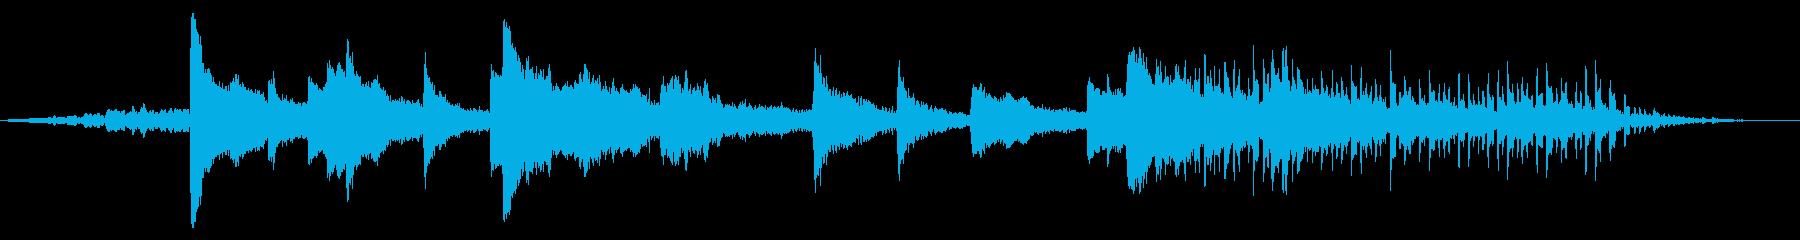 ゼロ確実性ミュージカルベッドの再生済みの波形